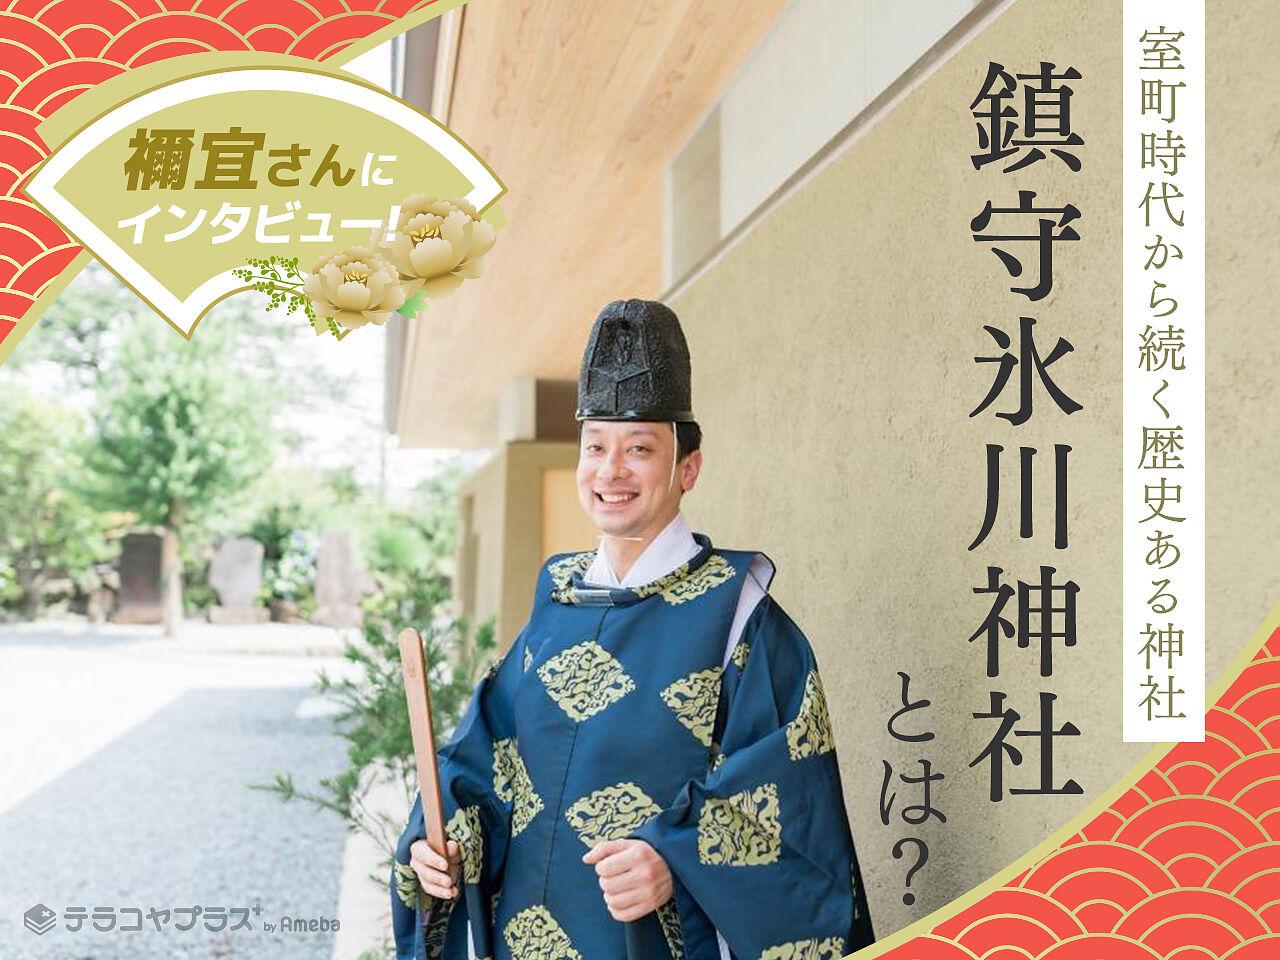 ランドセル祓いもある「鎮守氷川神社」の歴史やご利益について禰宜さんに聞いてみた!の画像